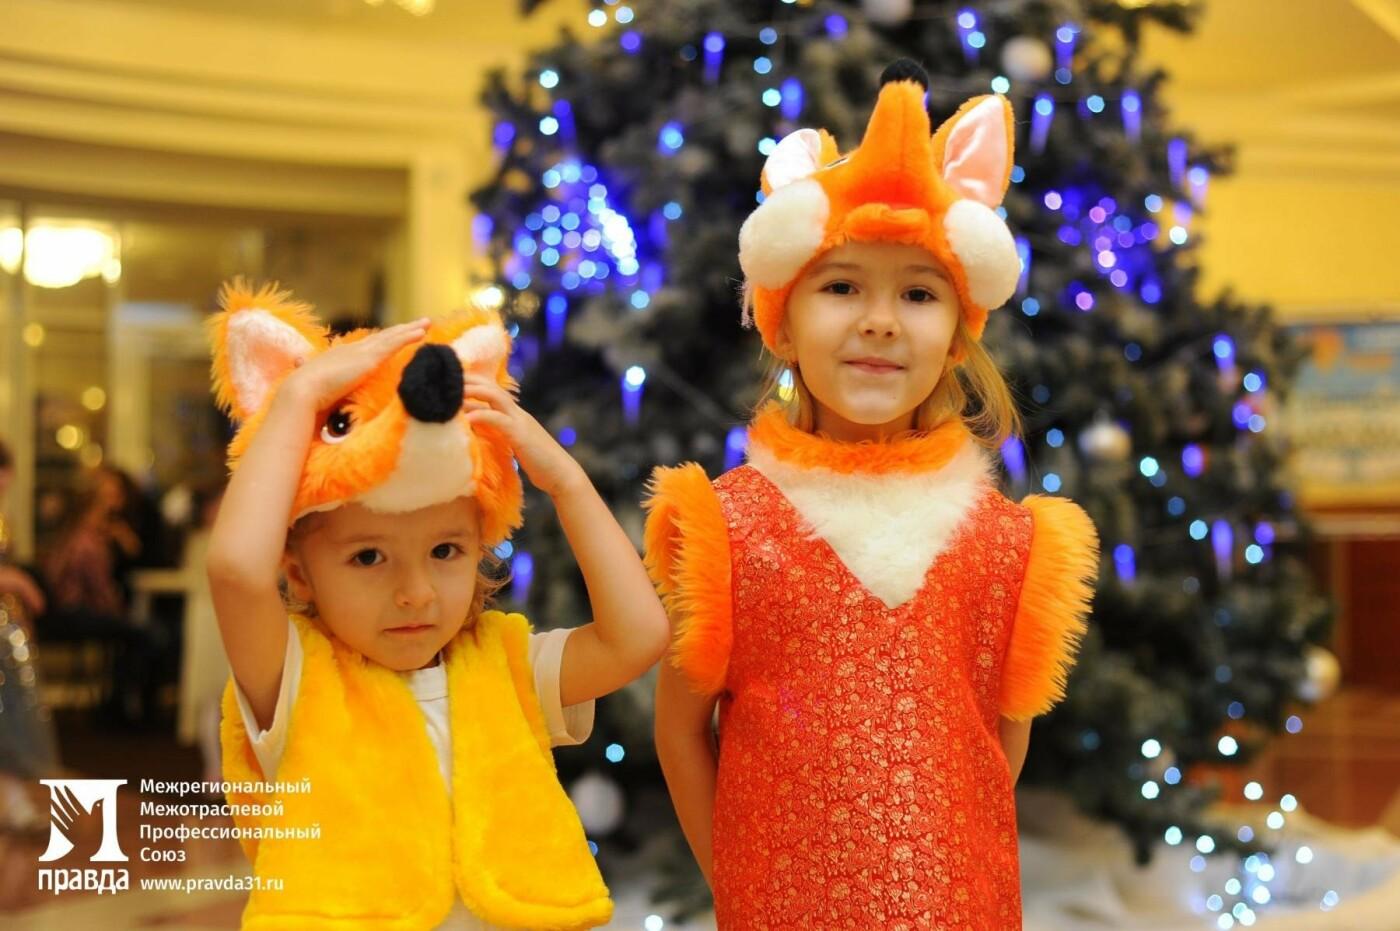 «Правда» организовала для всех детей участников профсоюза новогодние утренники в Белгородской филармонии, фото-4